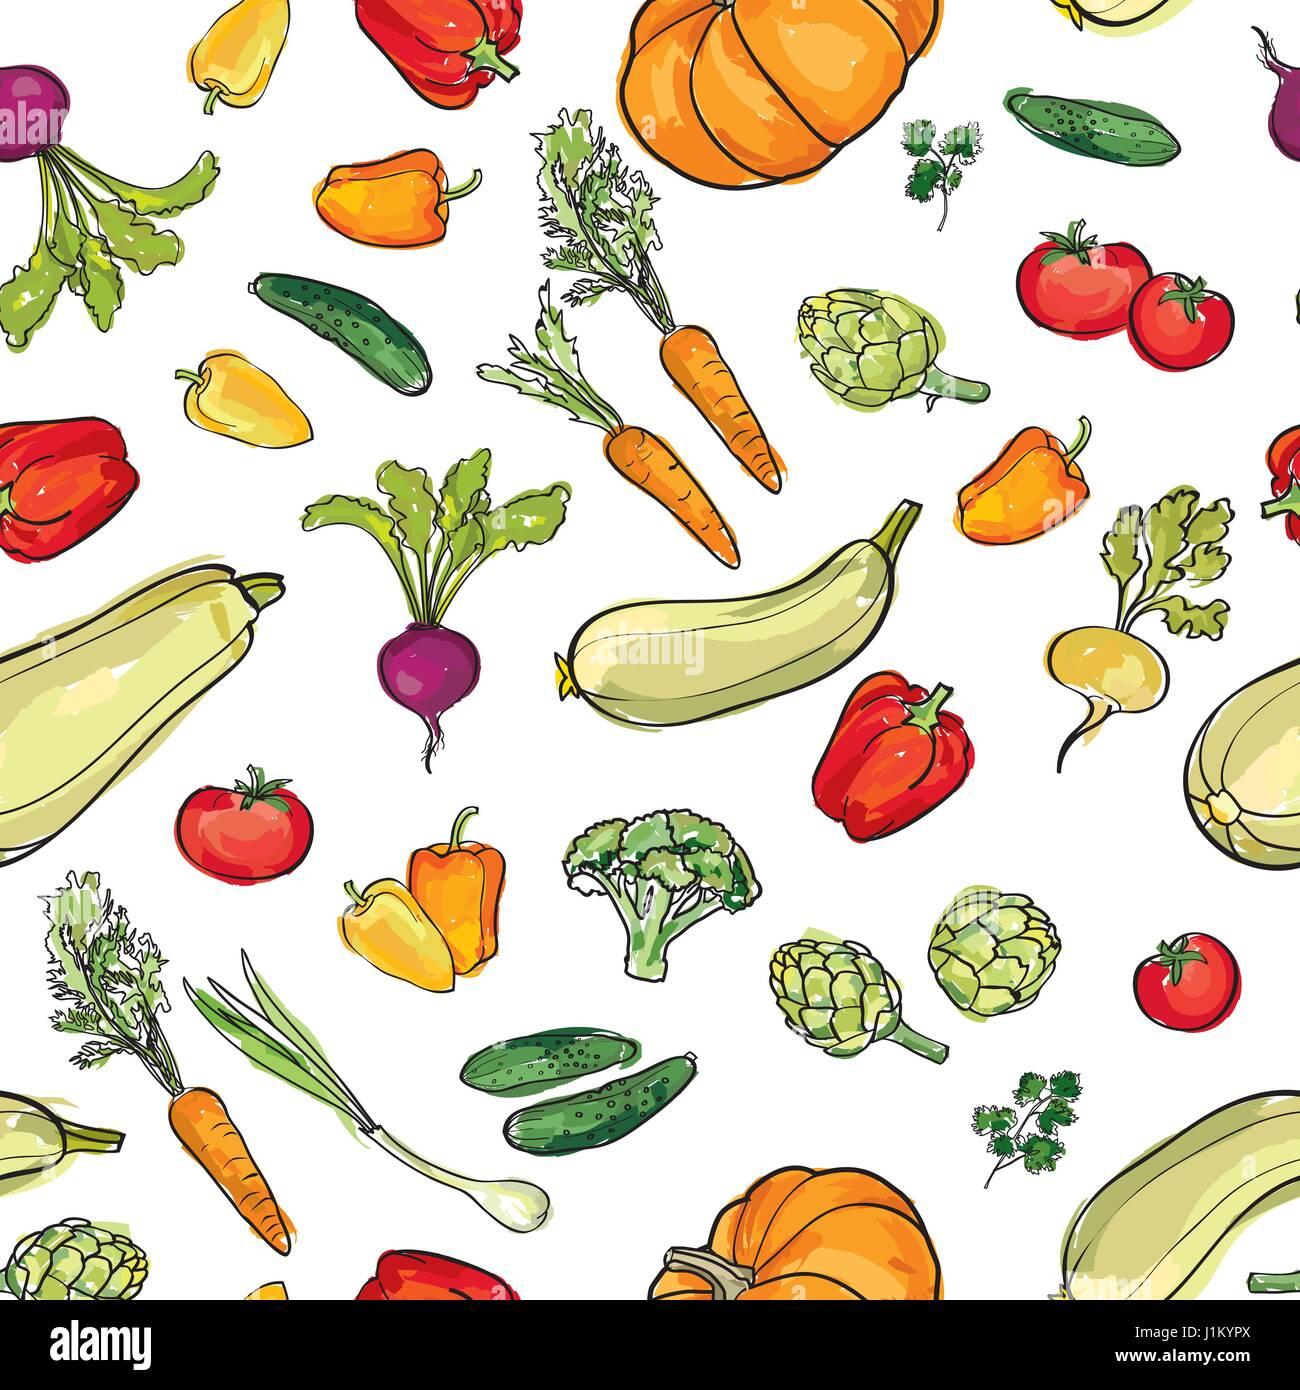 Food Ingredient Seamless Watercolor Pattern Vegetable Background